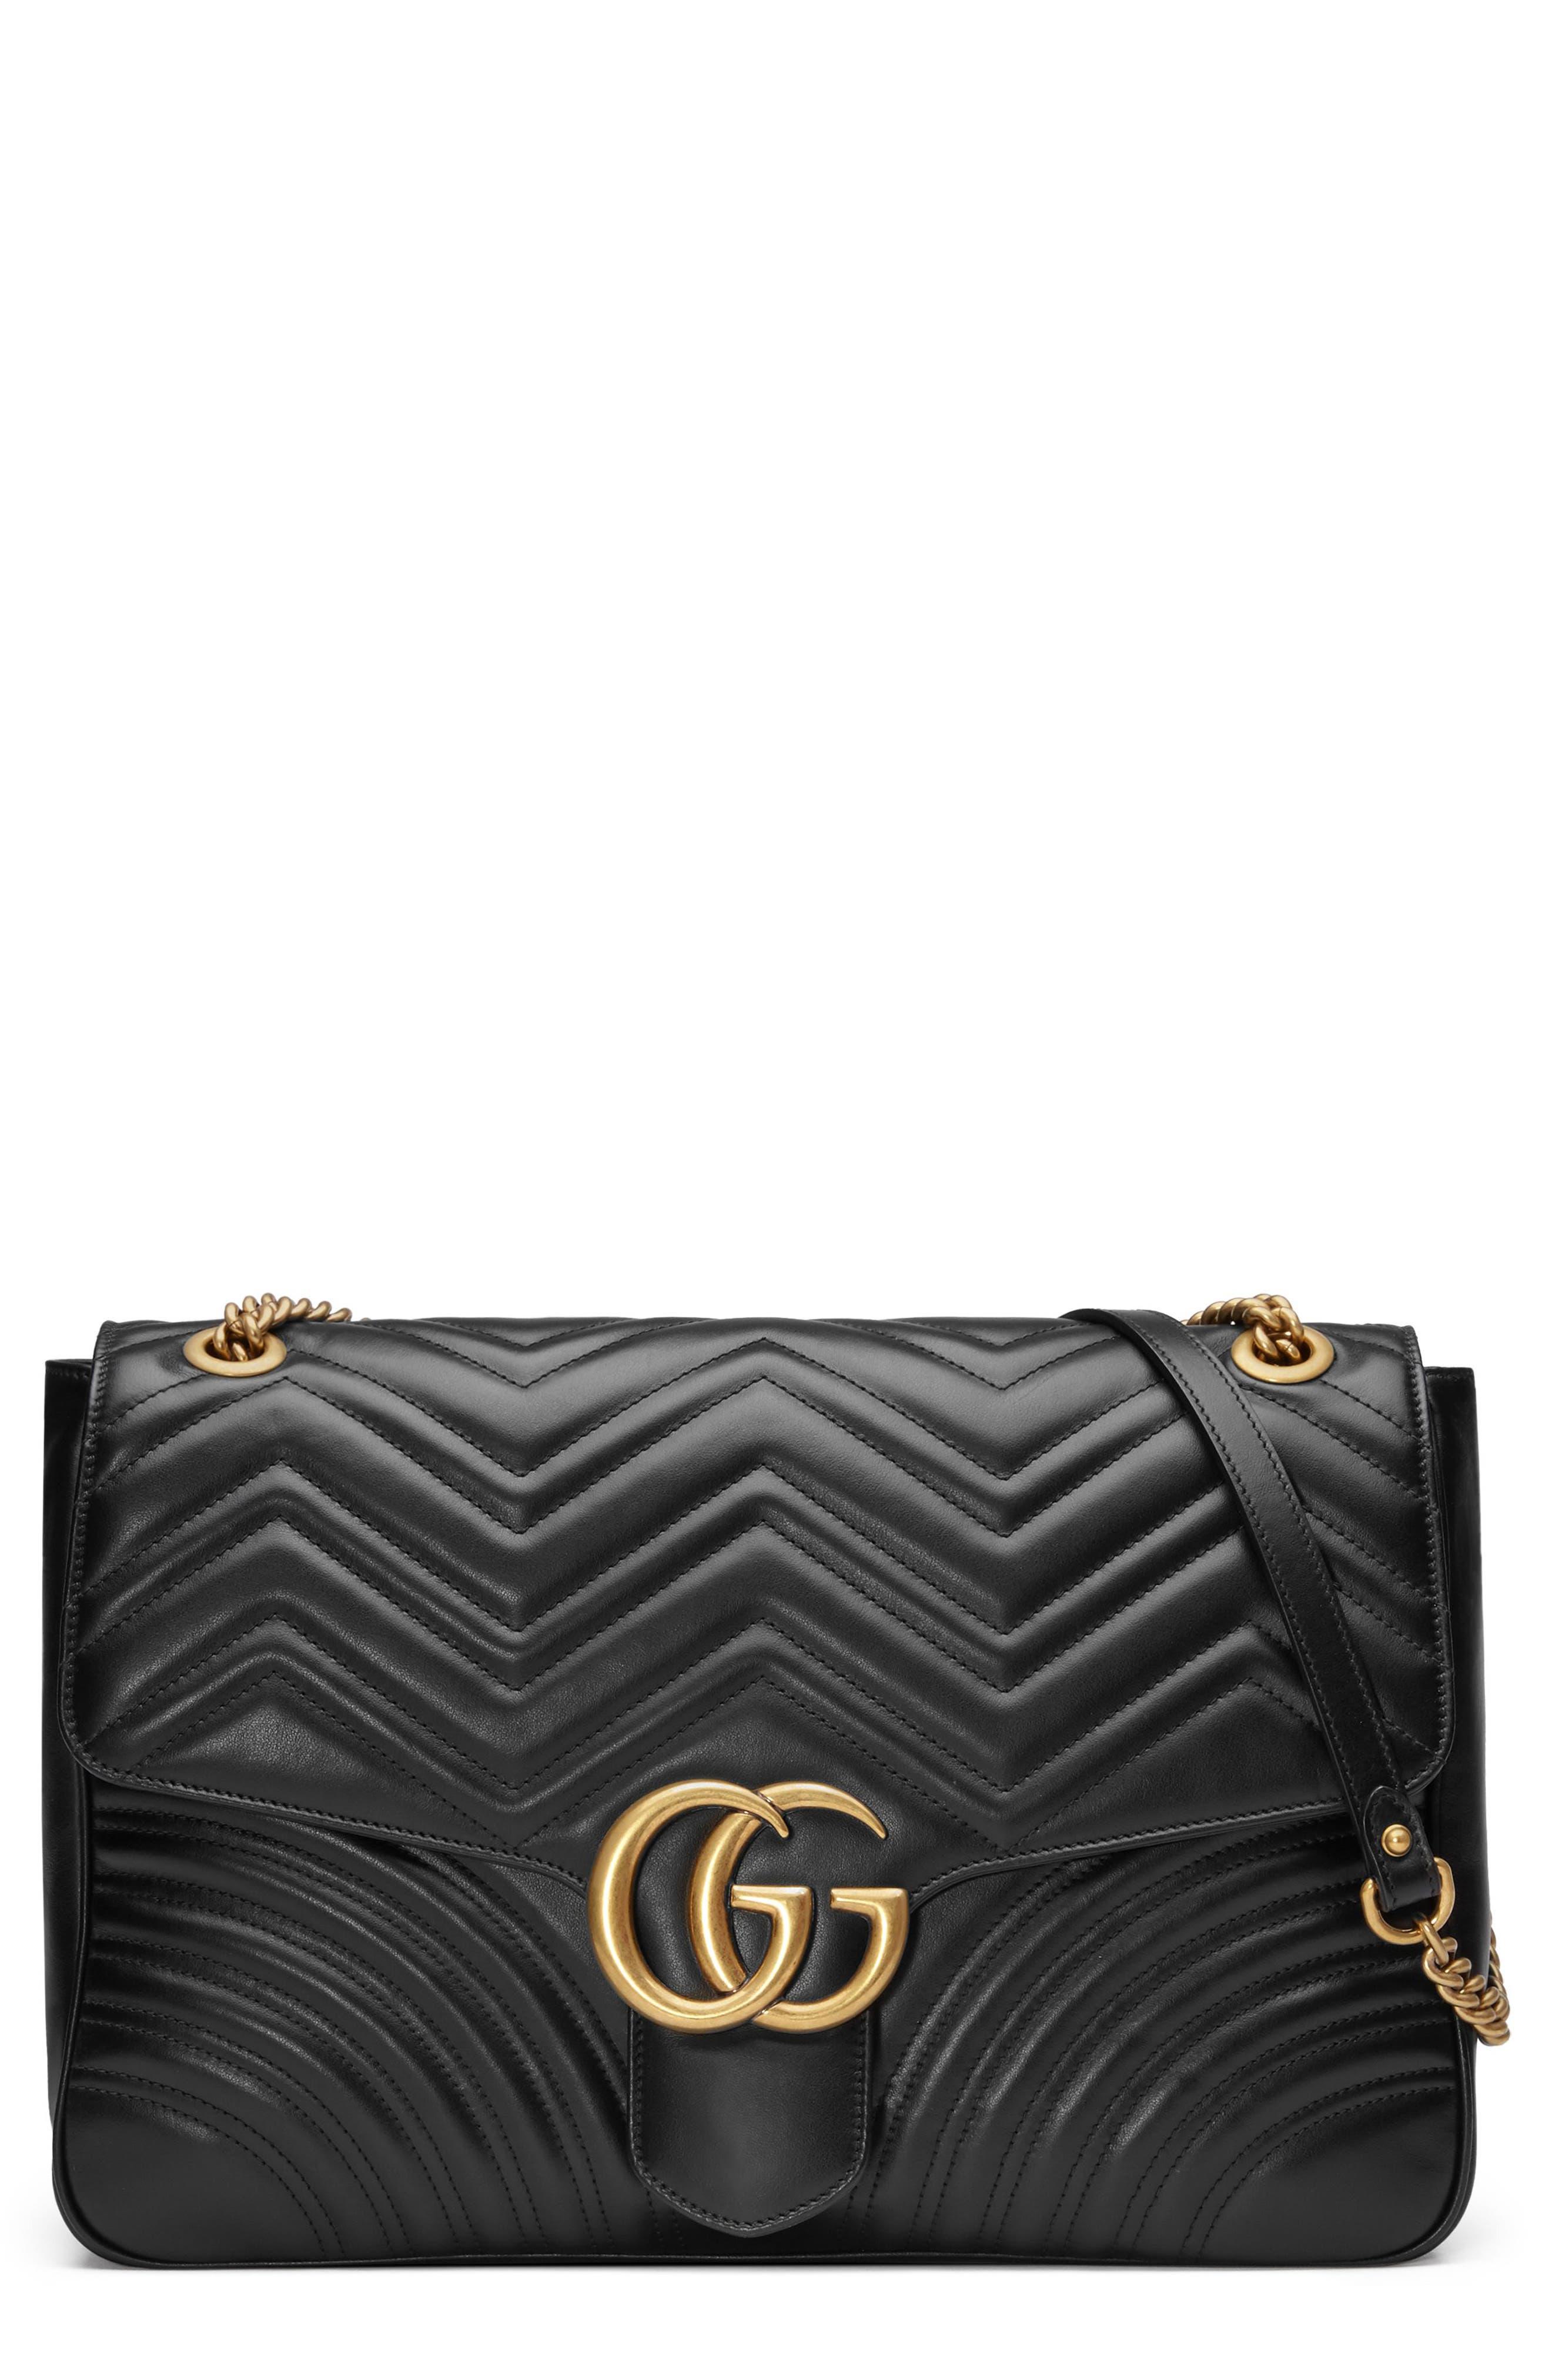 GUCCI GG Large Marmont 2.0 Matelassé Leather Shoulder Bag, Main, color, NERO